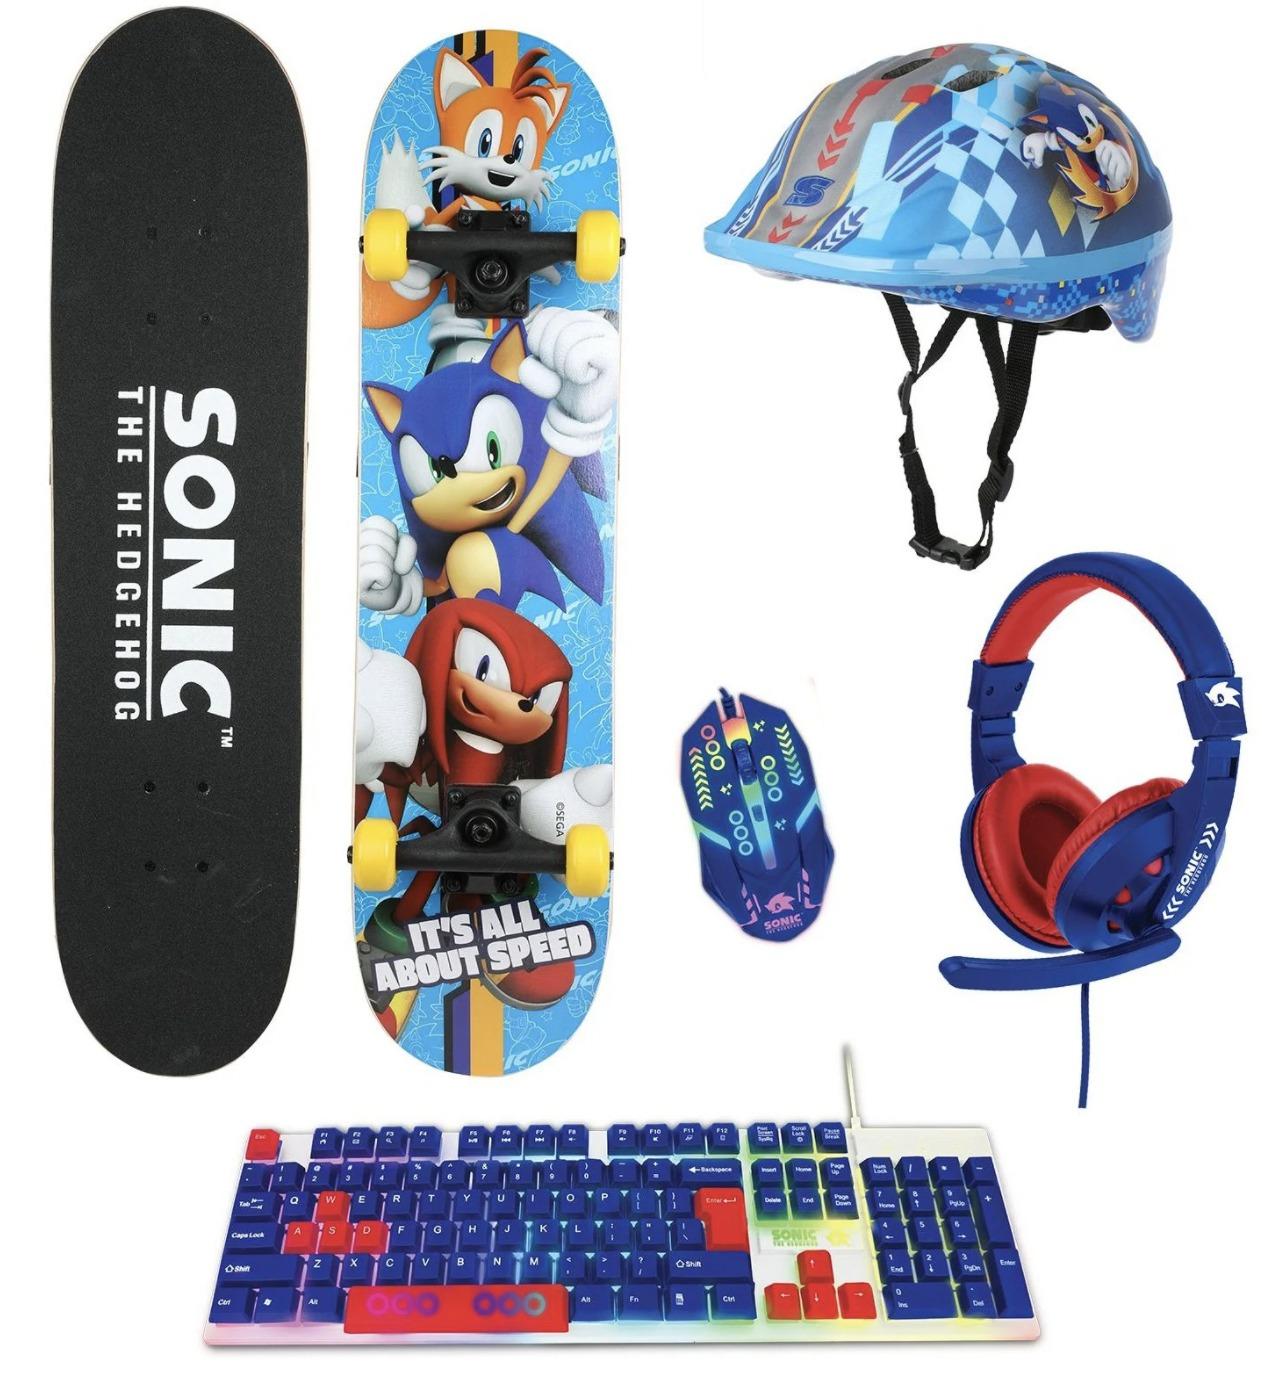 Sega y Sakar Sonic the Hedgehog se comercializan como una patineta a partir del otoño de 2021